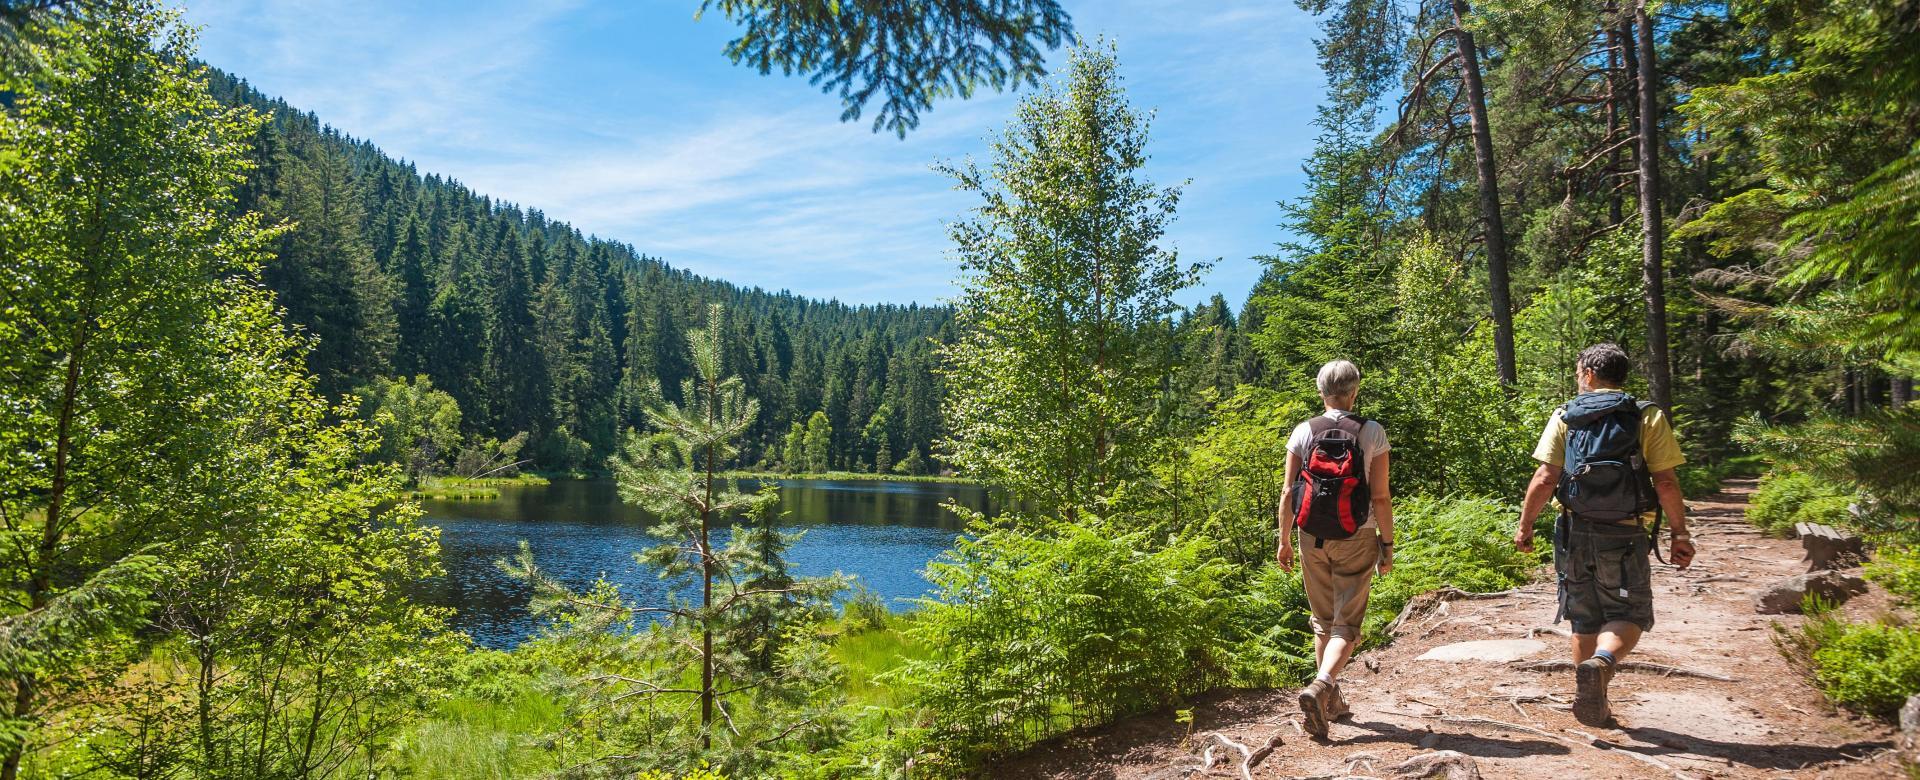 Voyage à pied Allemagne : Traversée de la forêt-noire